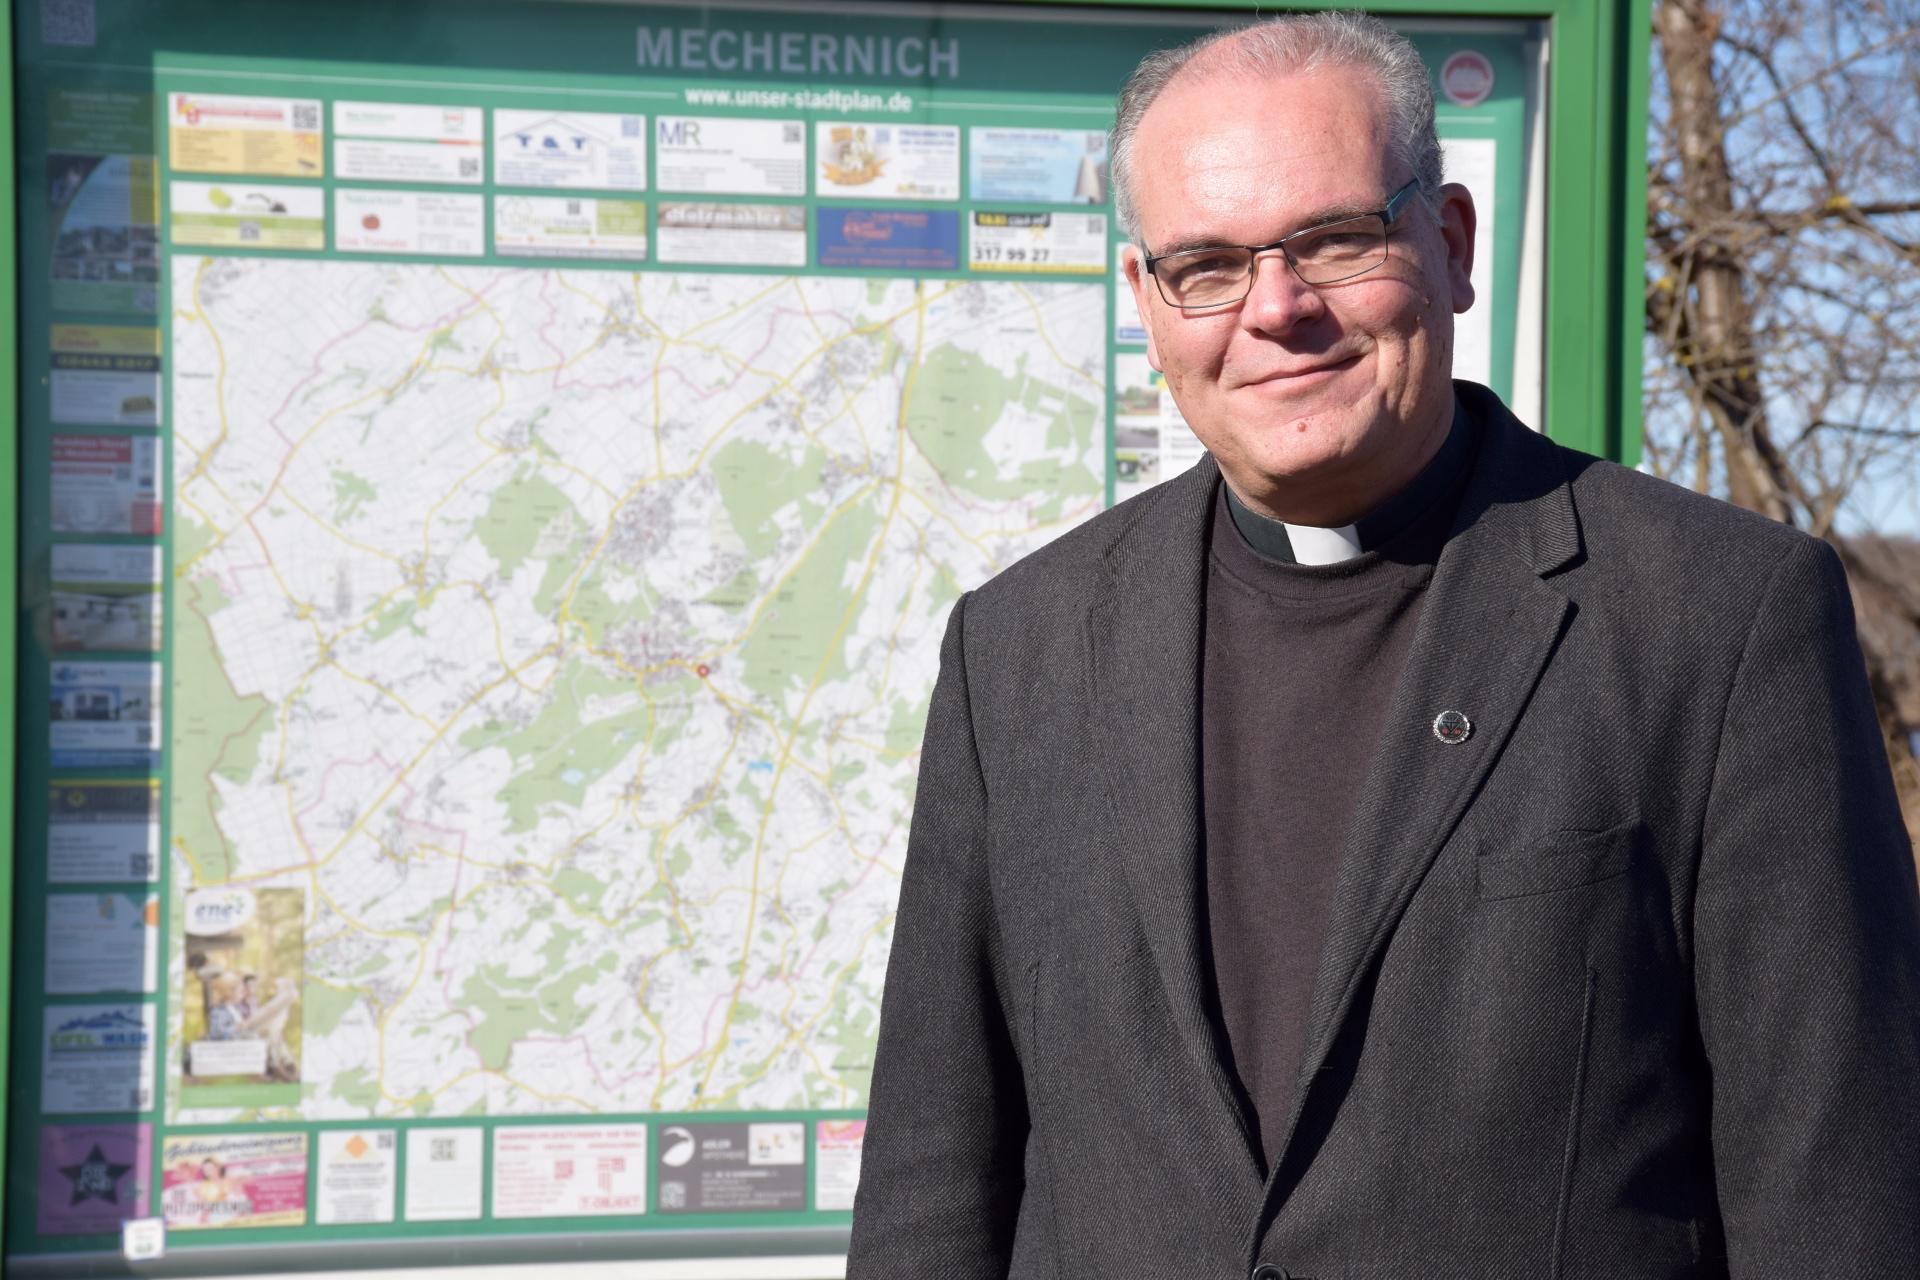 Pfarrer Pühringer